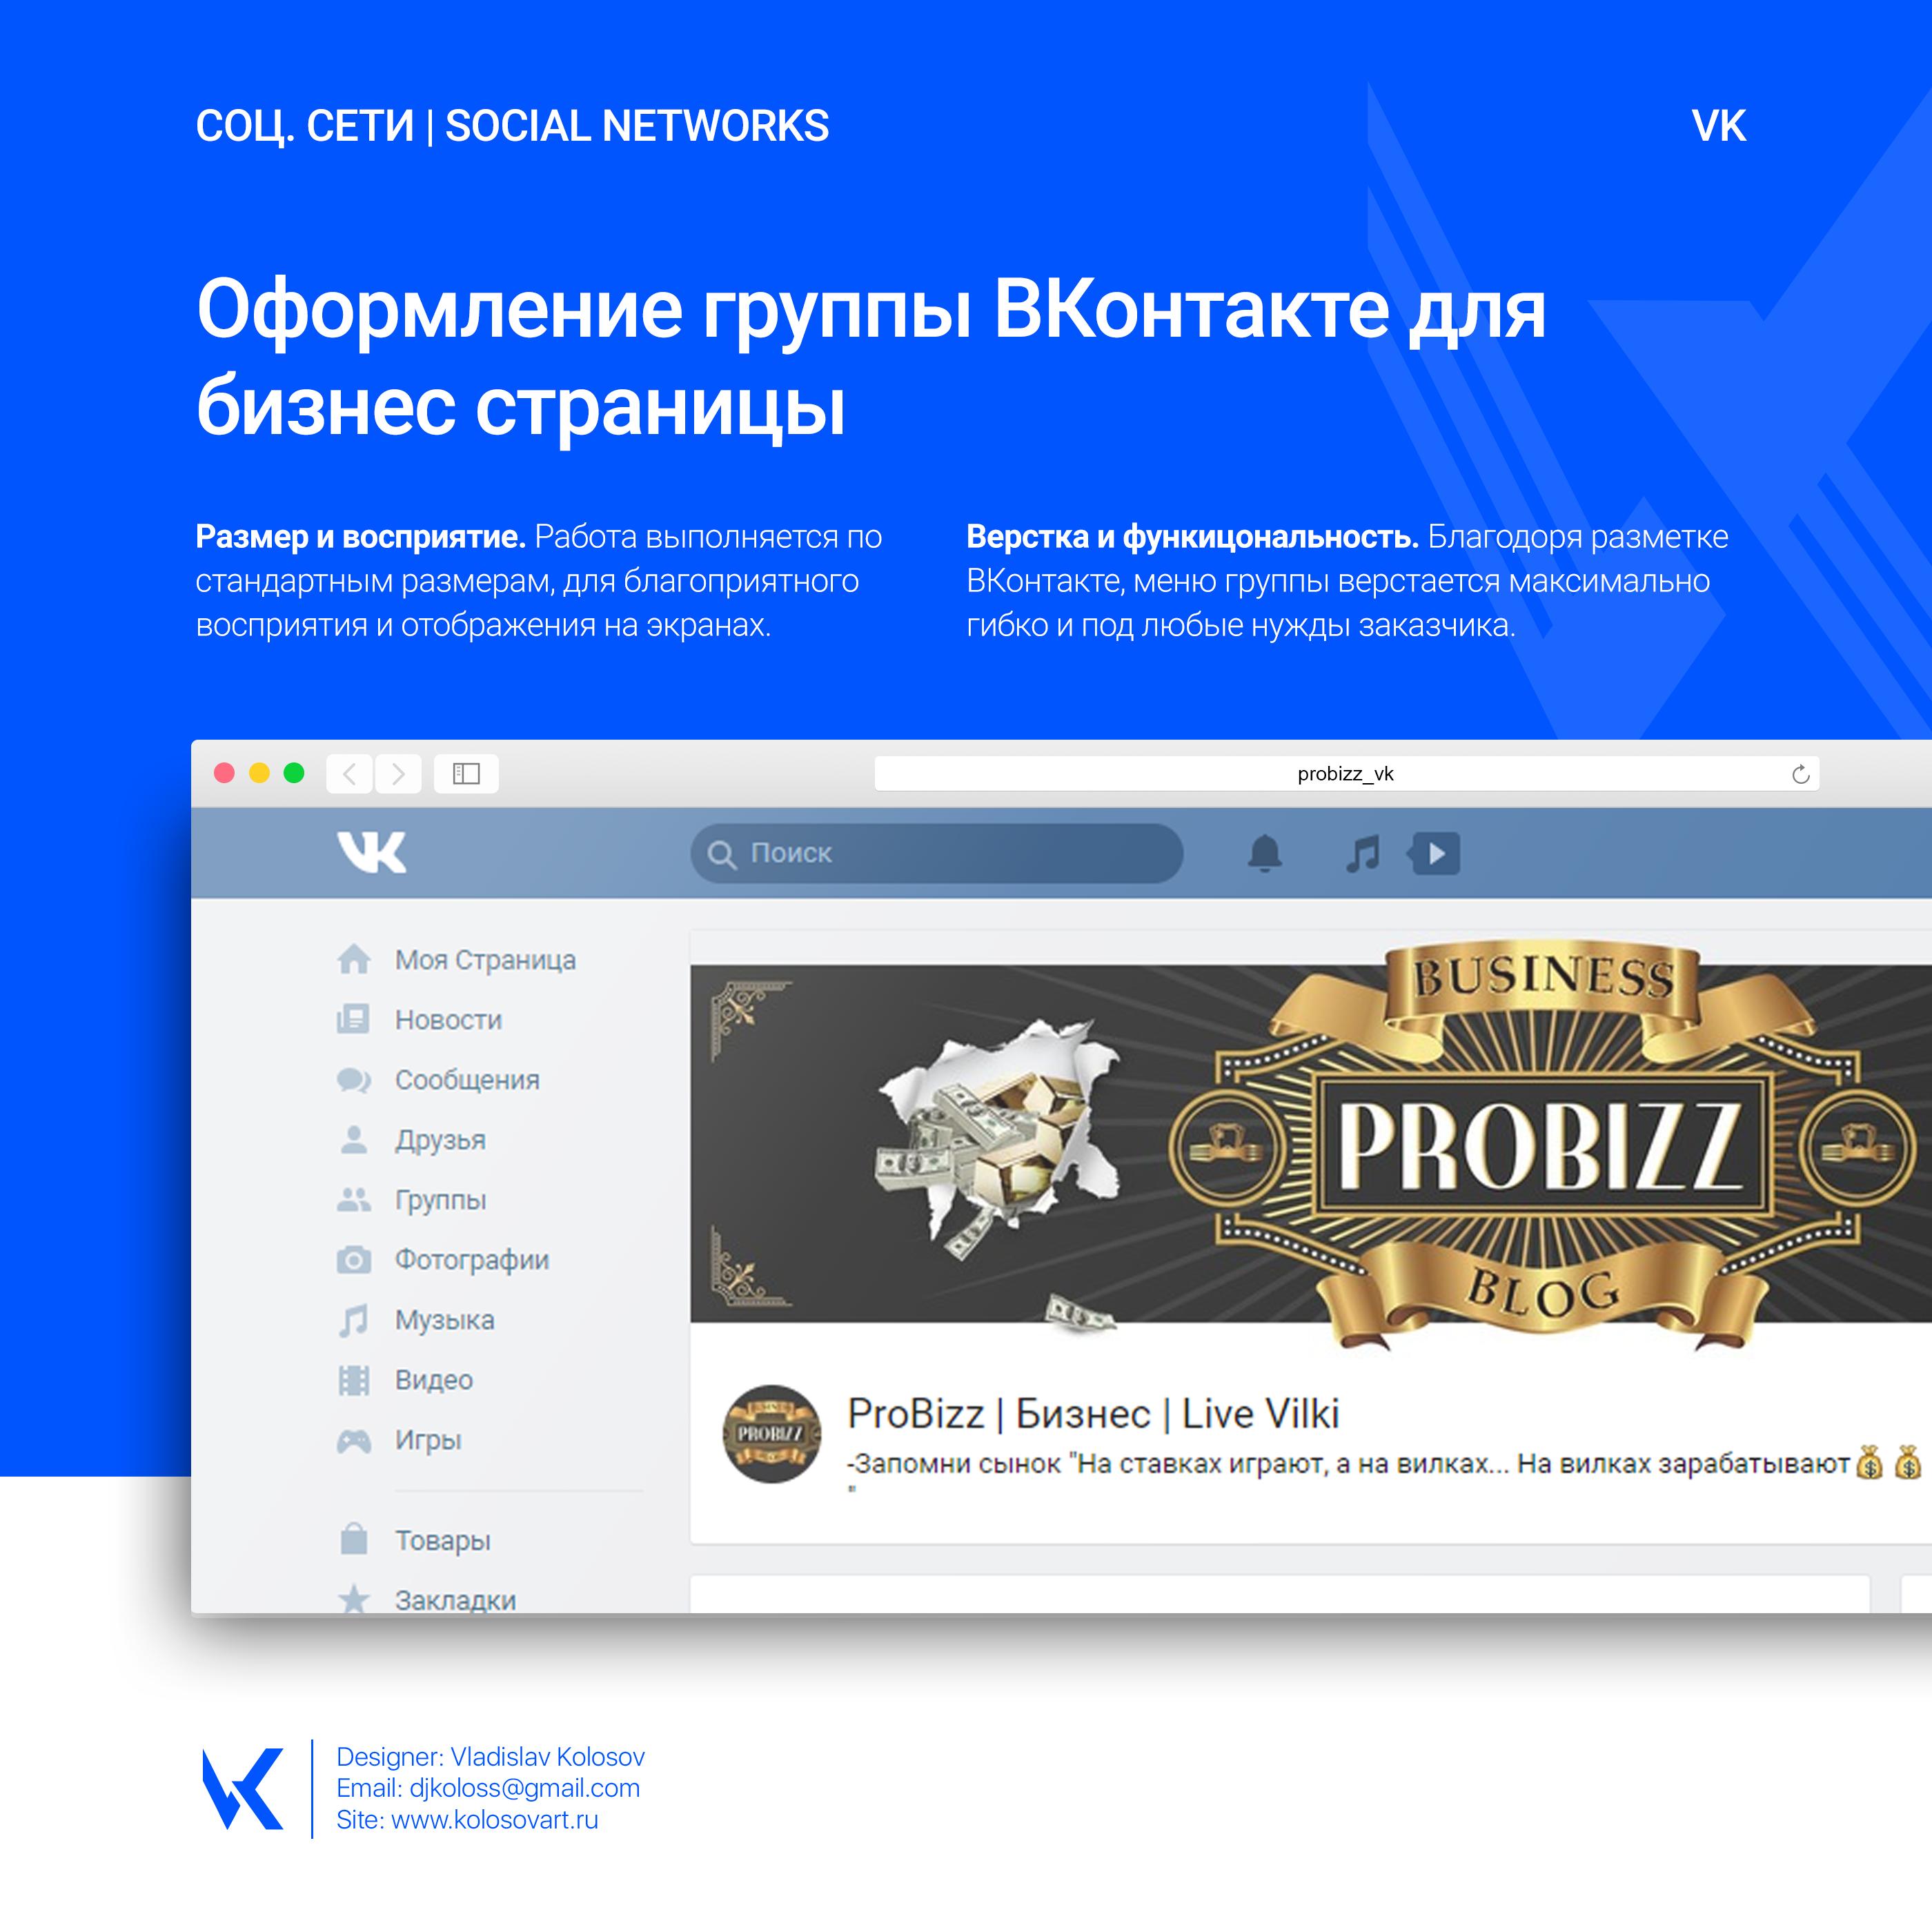 Оформление группы ВКонтакте для бизнес блога | ProBizz